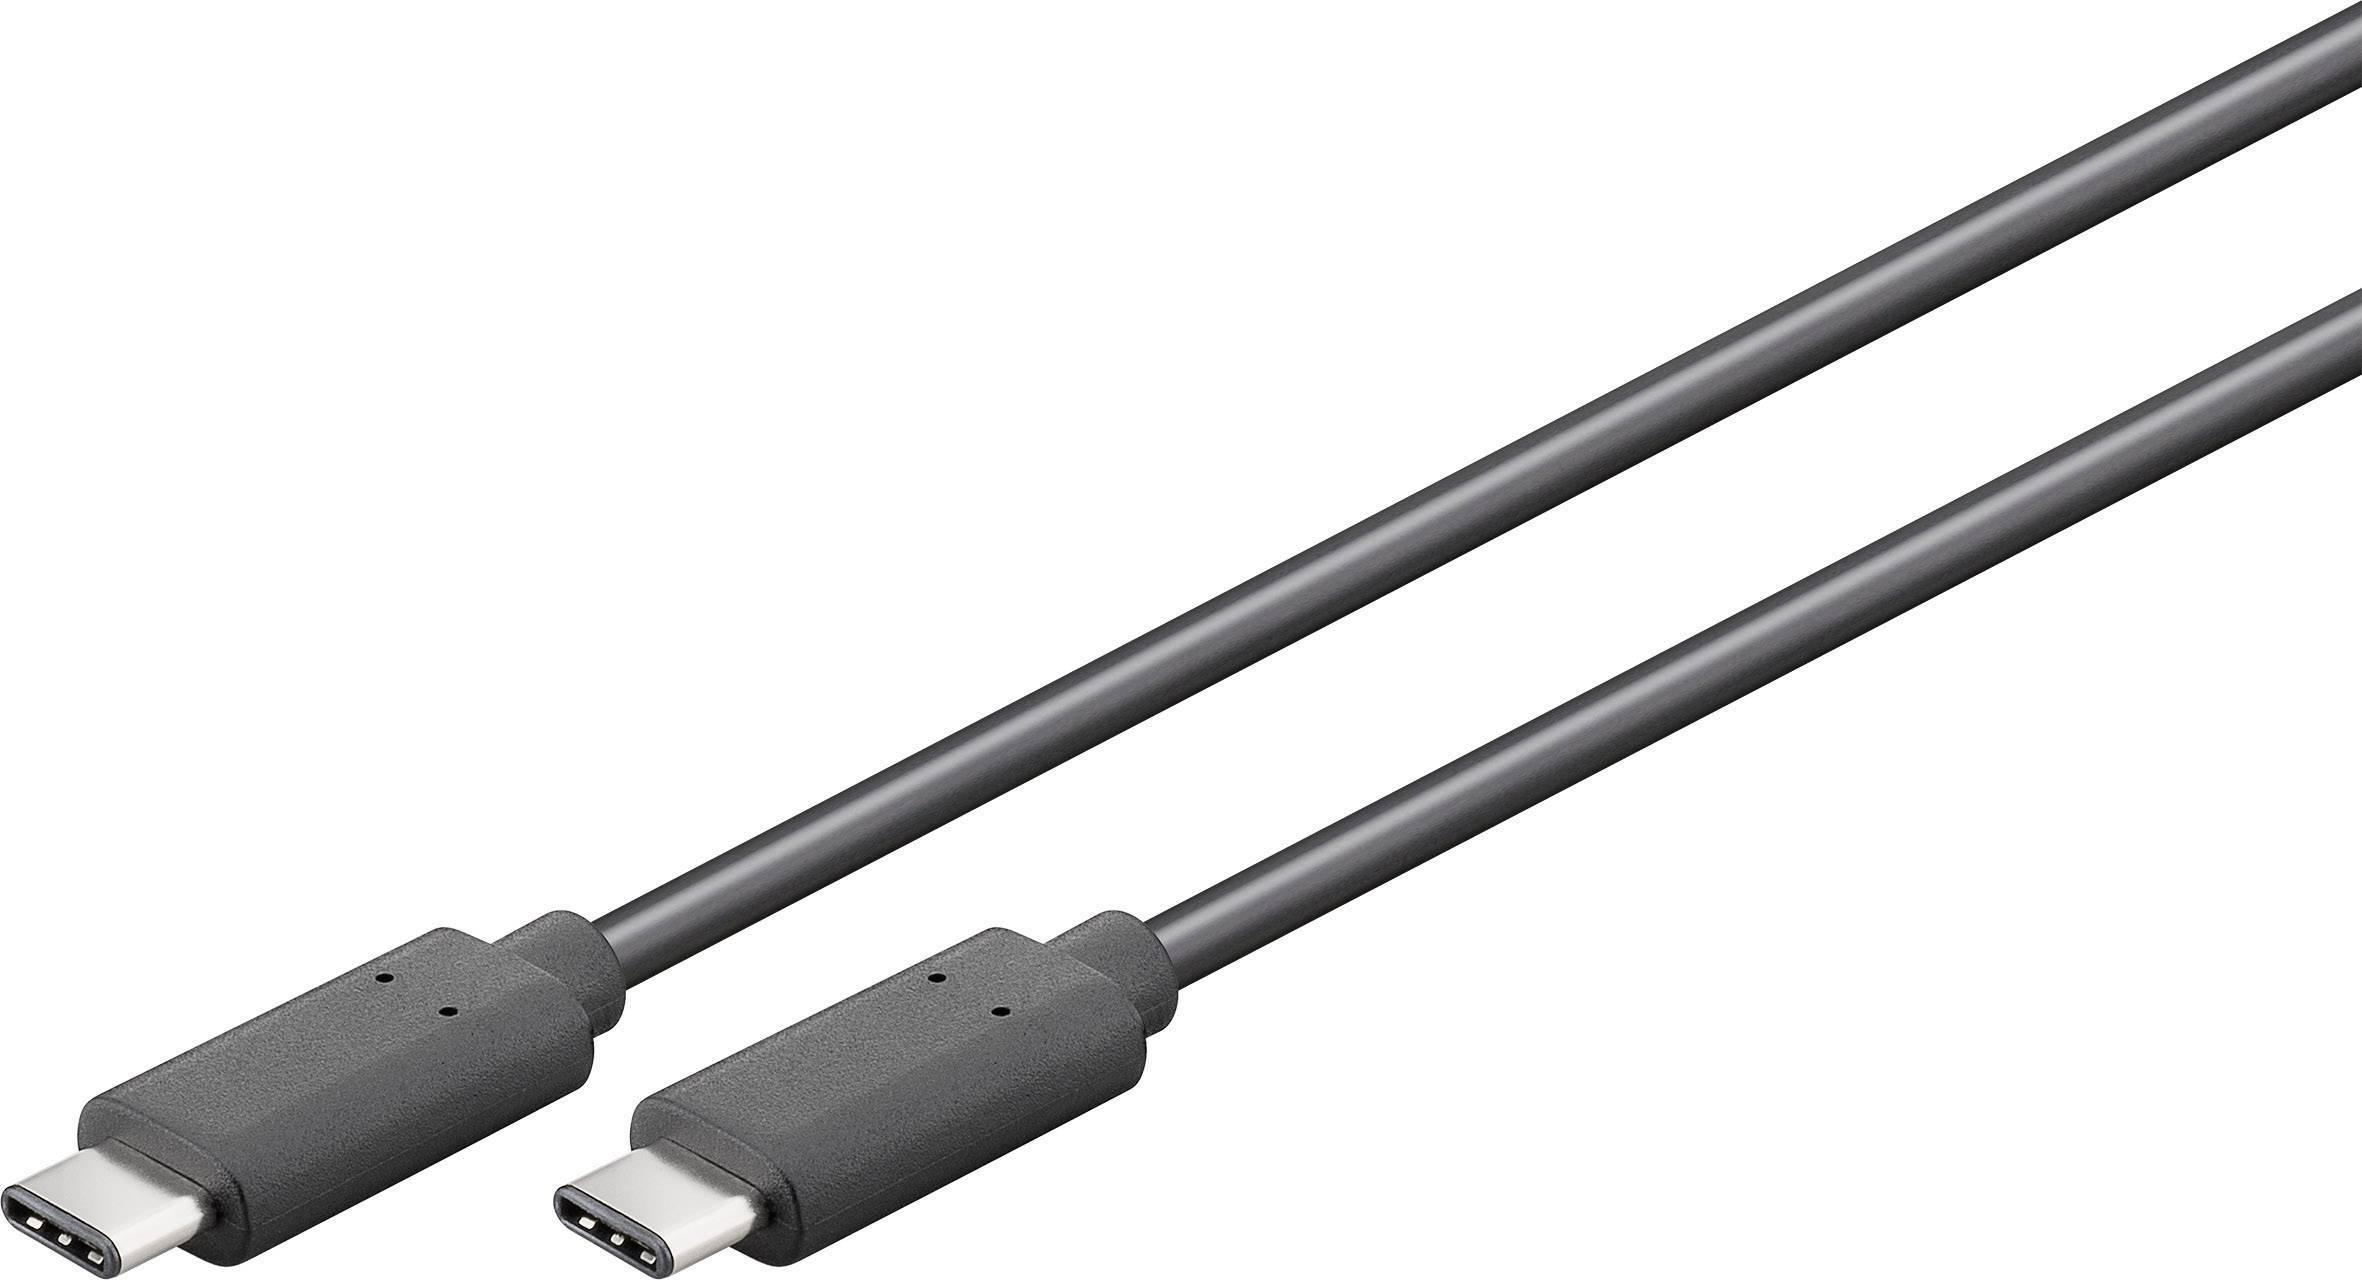 Goobay USB 3.1 Cavo di collega